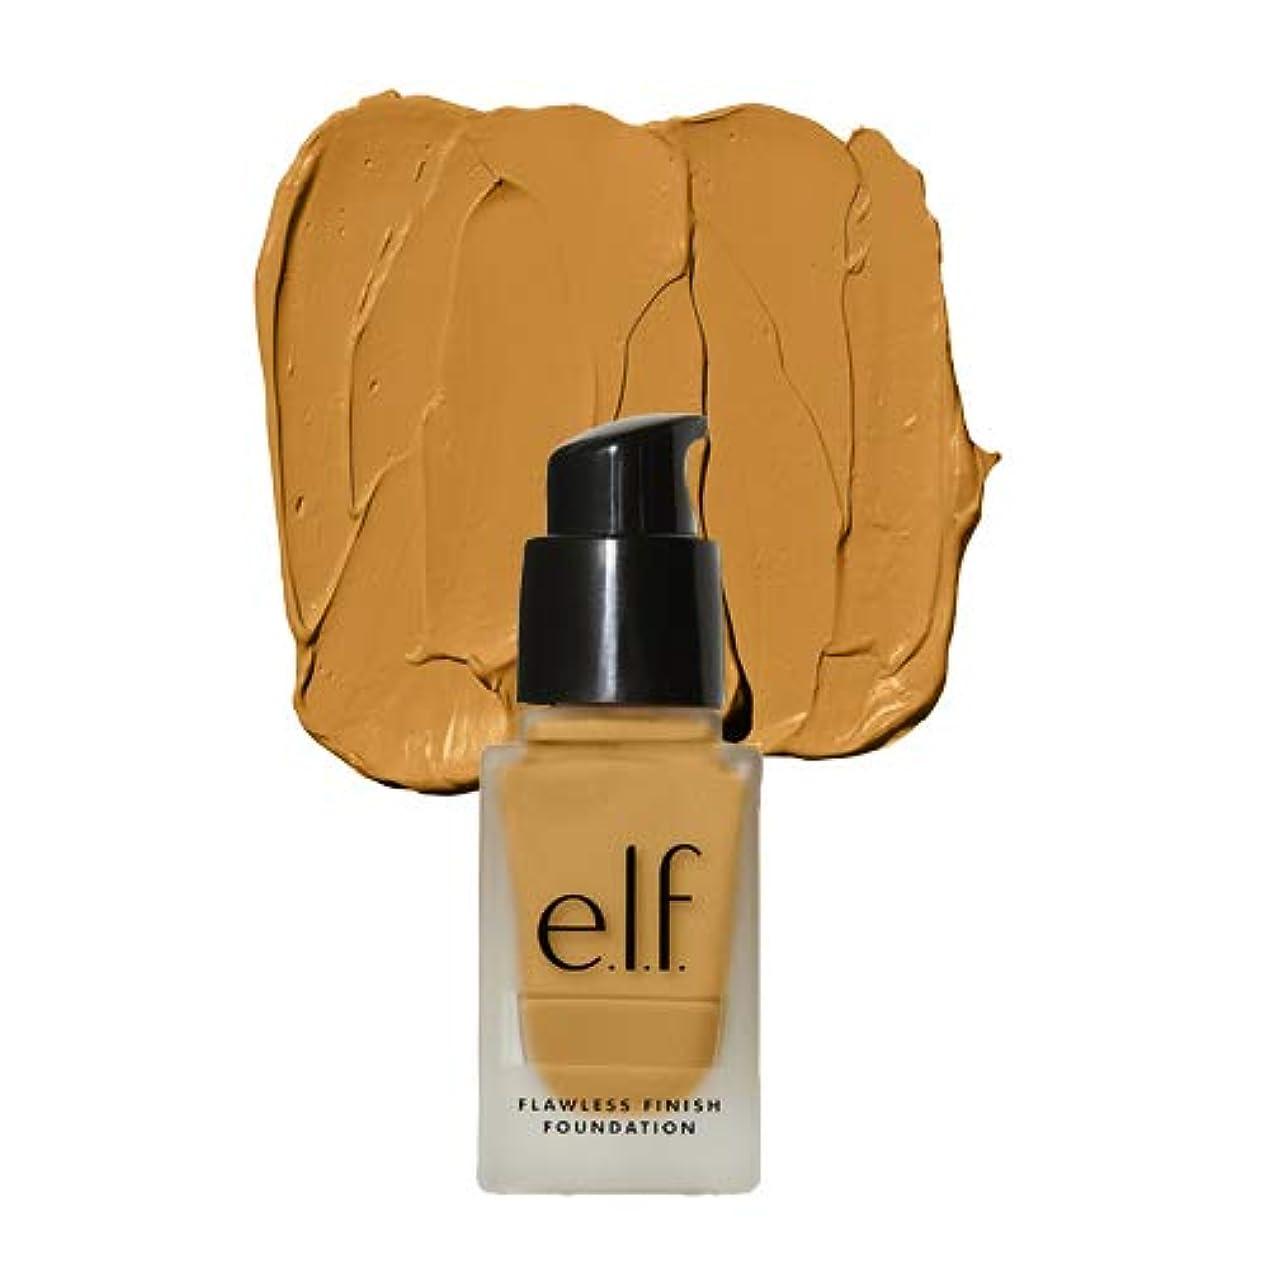 中央値未払い(6 Pack) e.l.f. Oil Free Flawless Finish Foundation - Almond (並行輸入品)